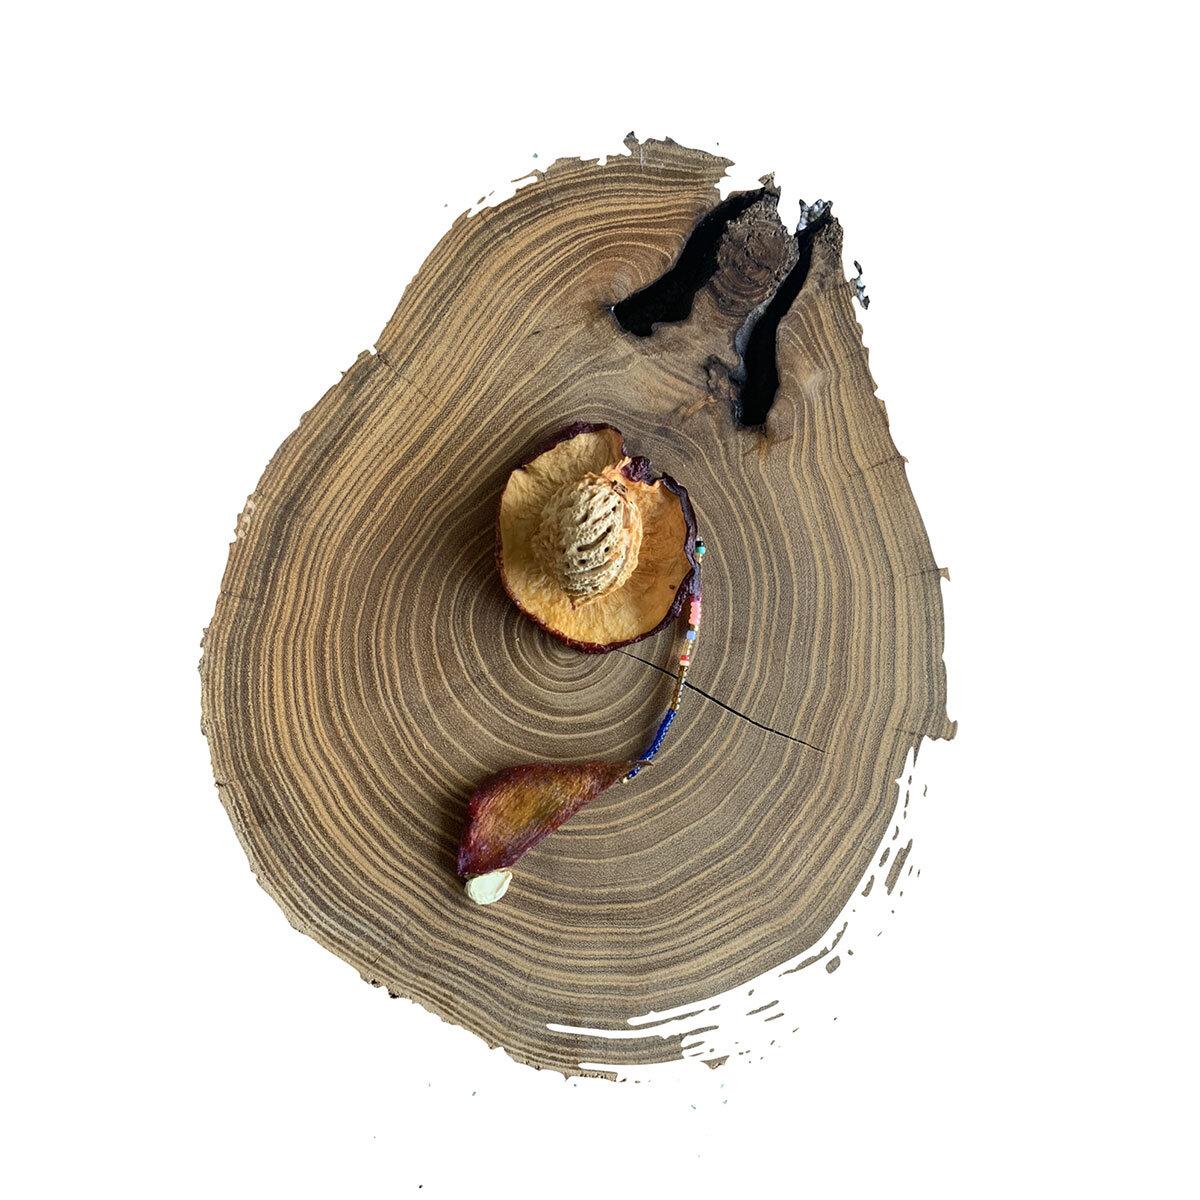 """""""...Y de allí  sabbigwaa , """"corazón del árbol"""", y el nombre de  Nana Ologwadule , - uno de los nombres que los kuna dan a la Madre Tierra - la madre generosa que hace germinar las semillas..""""  - Ilustración de Ani Ventocilla King"""